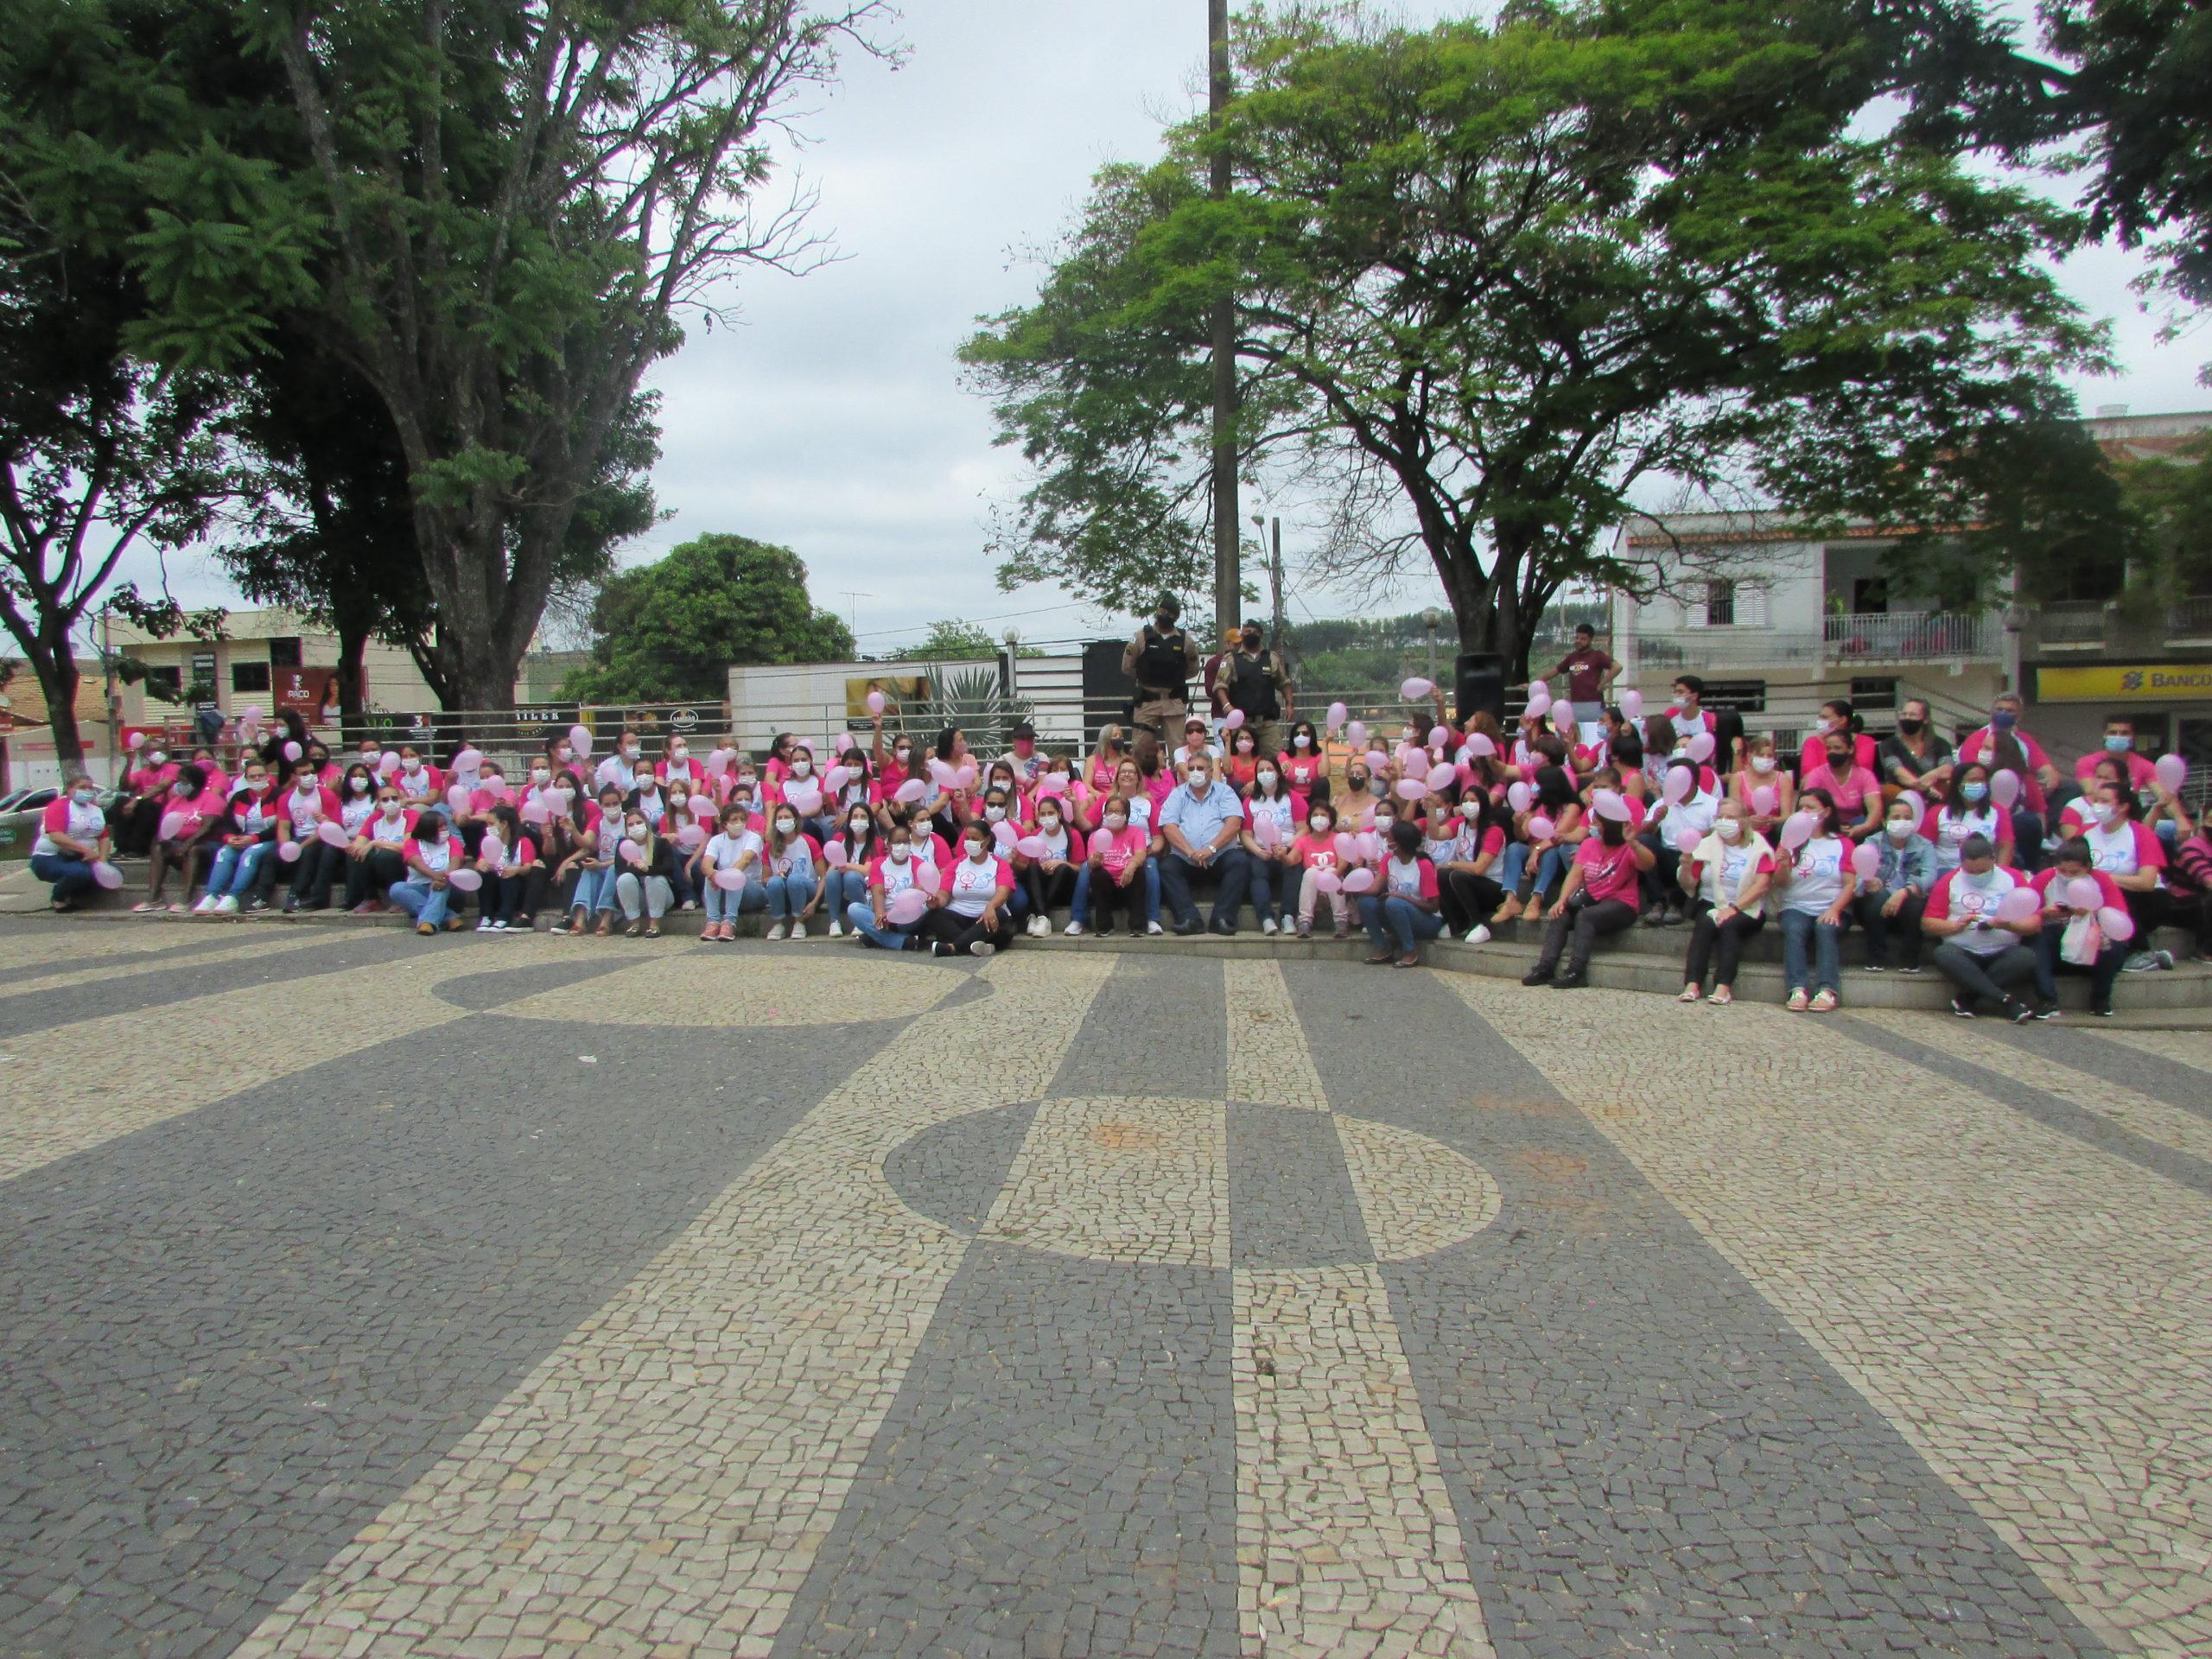 OUTUBRO ROSA: ADMINISTRAÇÃO MUNICIPAL PROMOVEU PASSEATA DE CONSCIENTIZAÇÃO